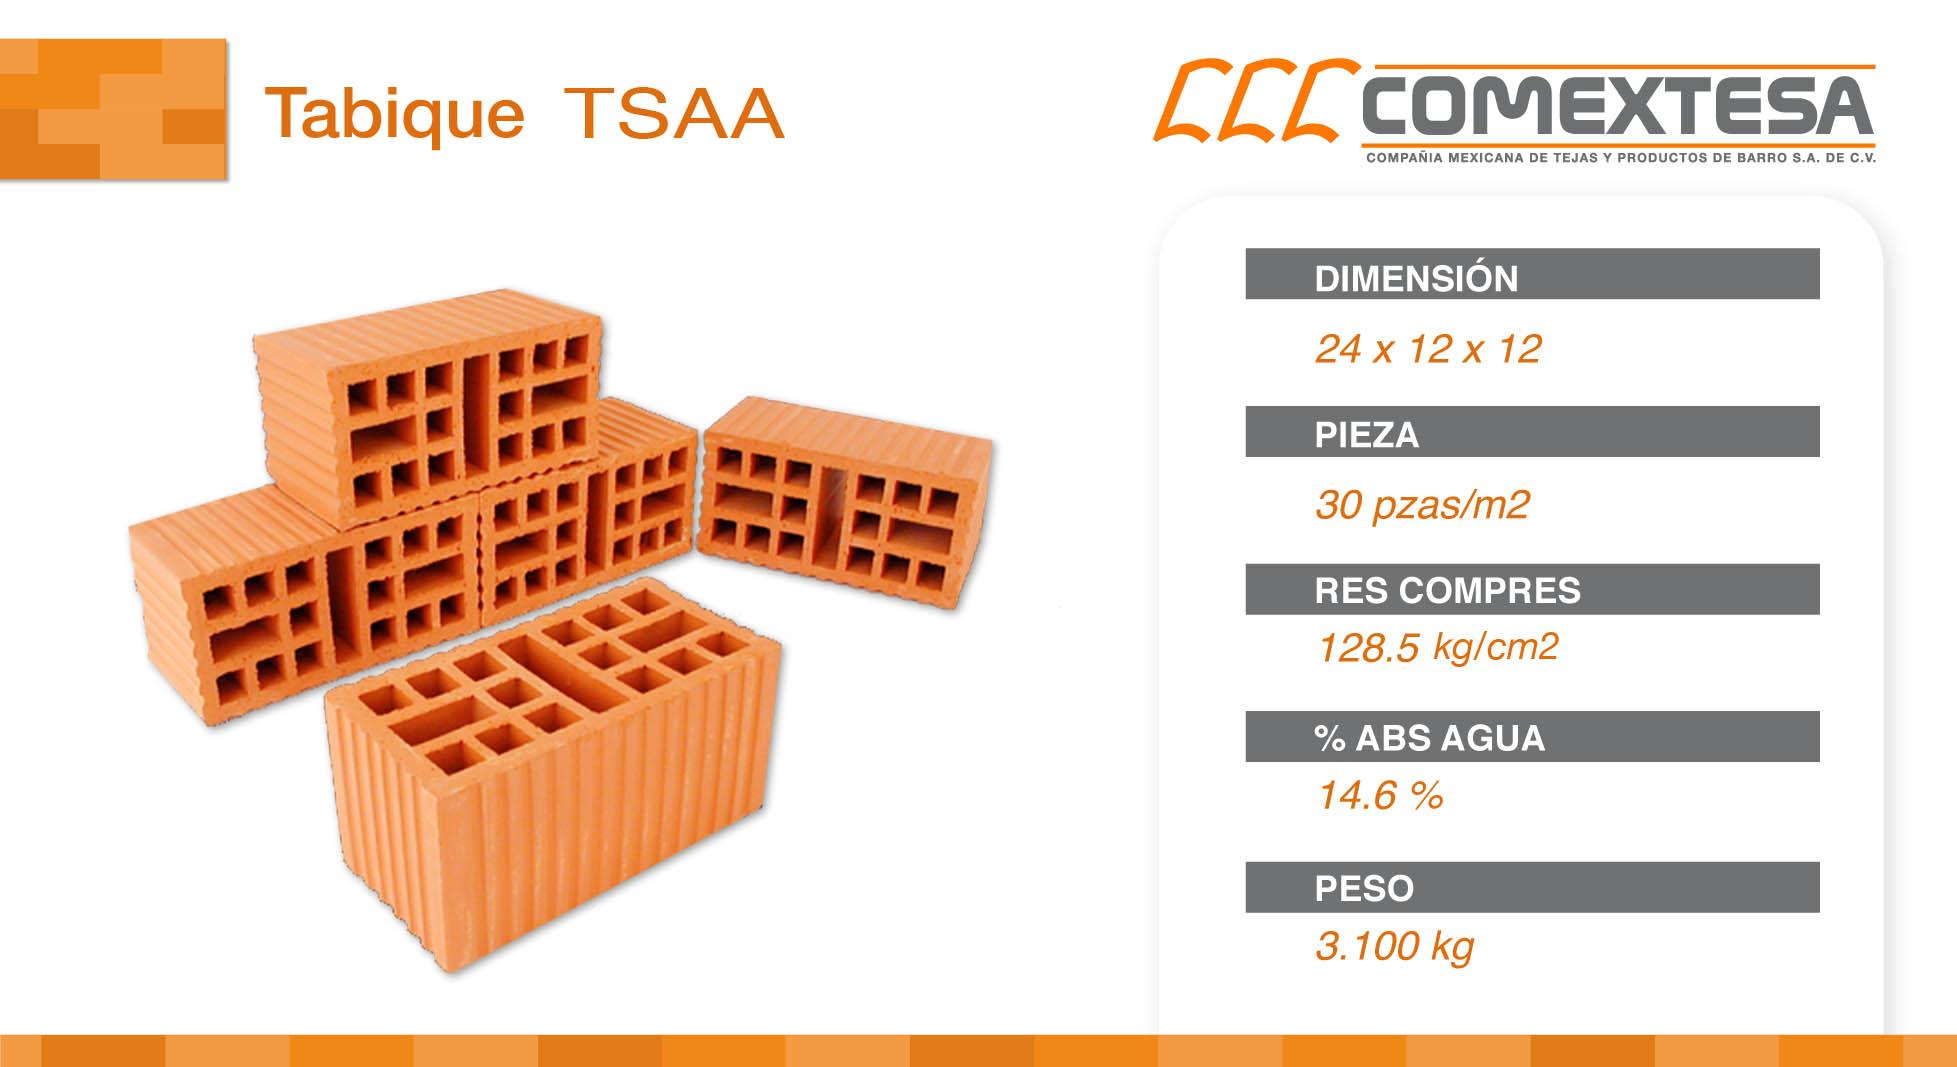 Tabique TSAA